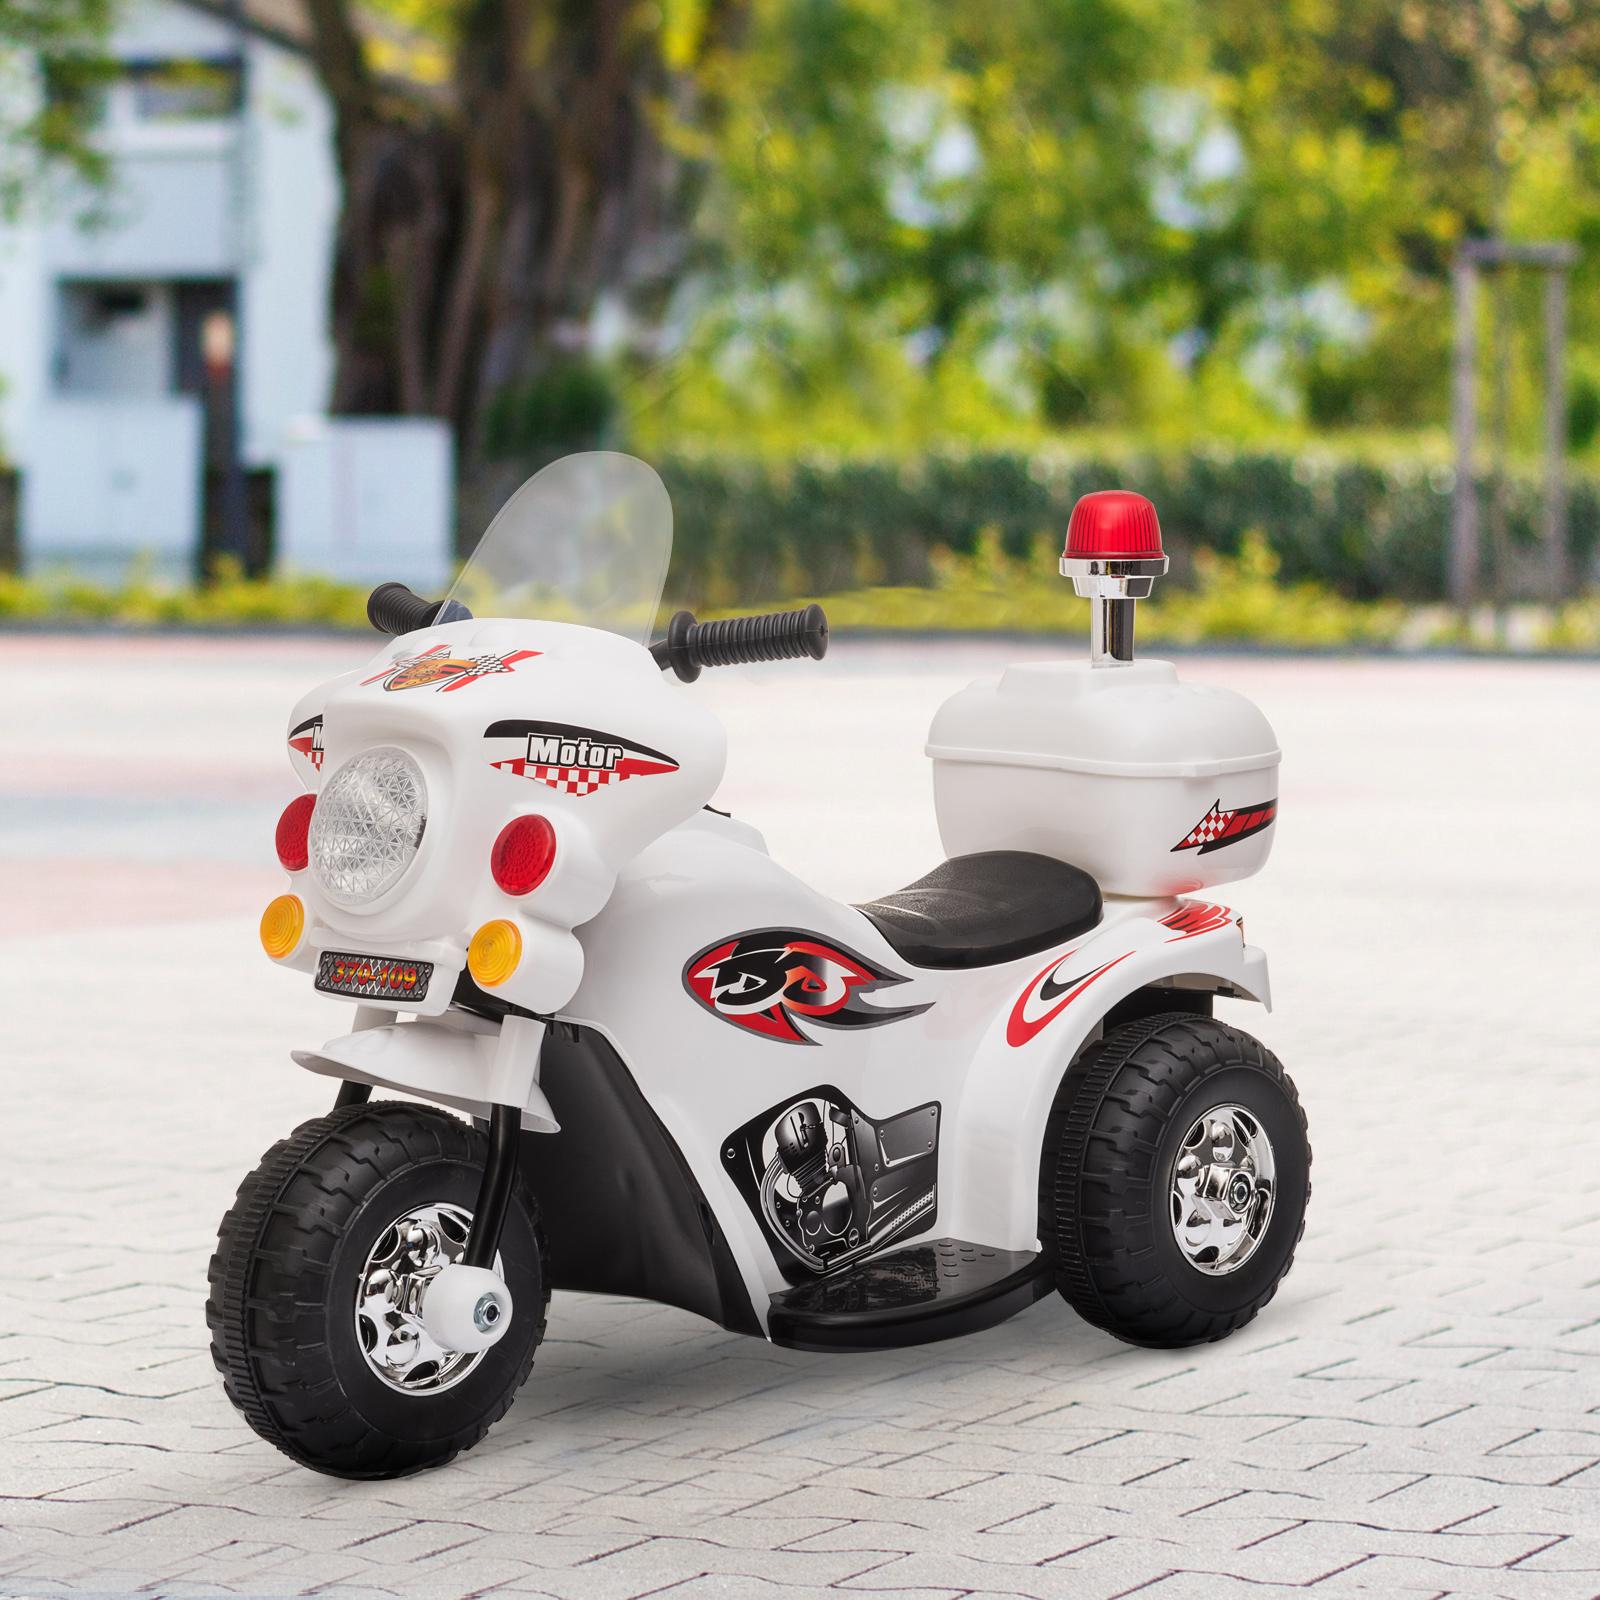 HOMCOM Moto Elettrica per bambini 18-36 mesi 6V a batteria con luce musica MP3